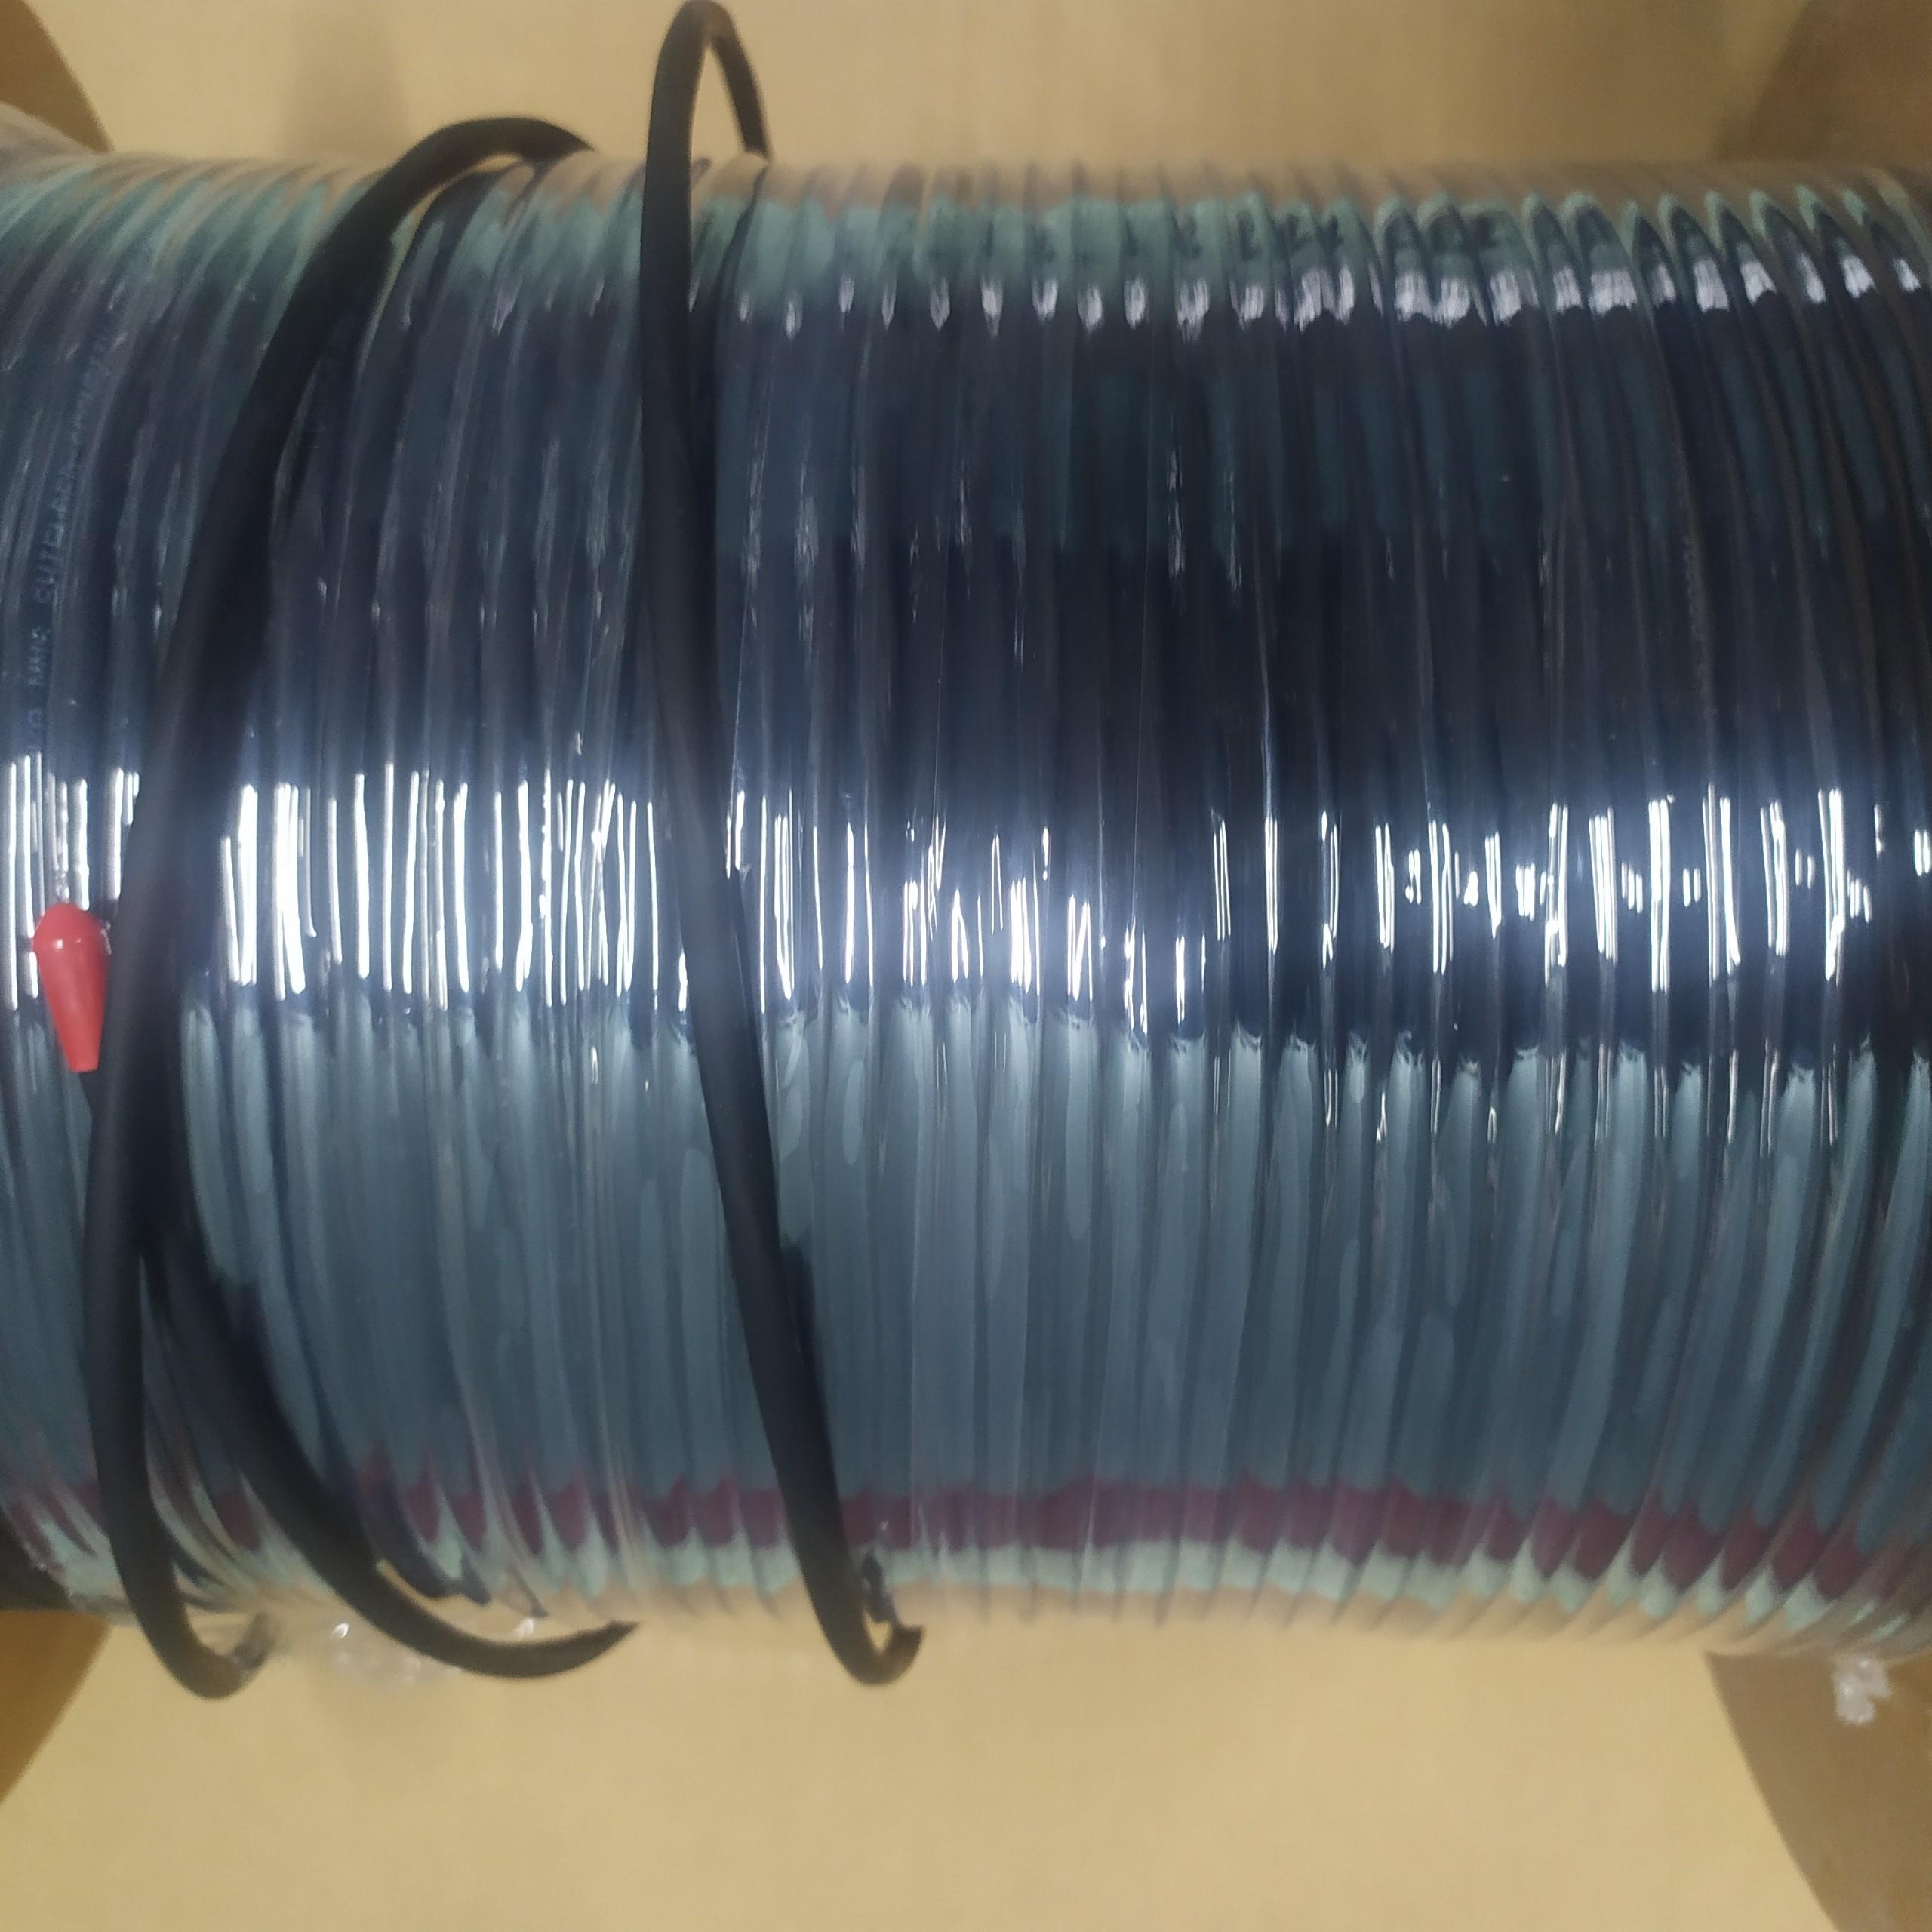 Cuộn cáp tín hiệu DRAKA (Security Alarm Cable) 1Prx16AWG - Hàng chính hãng